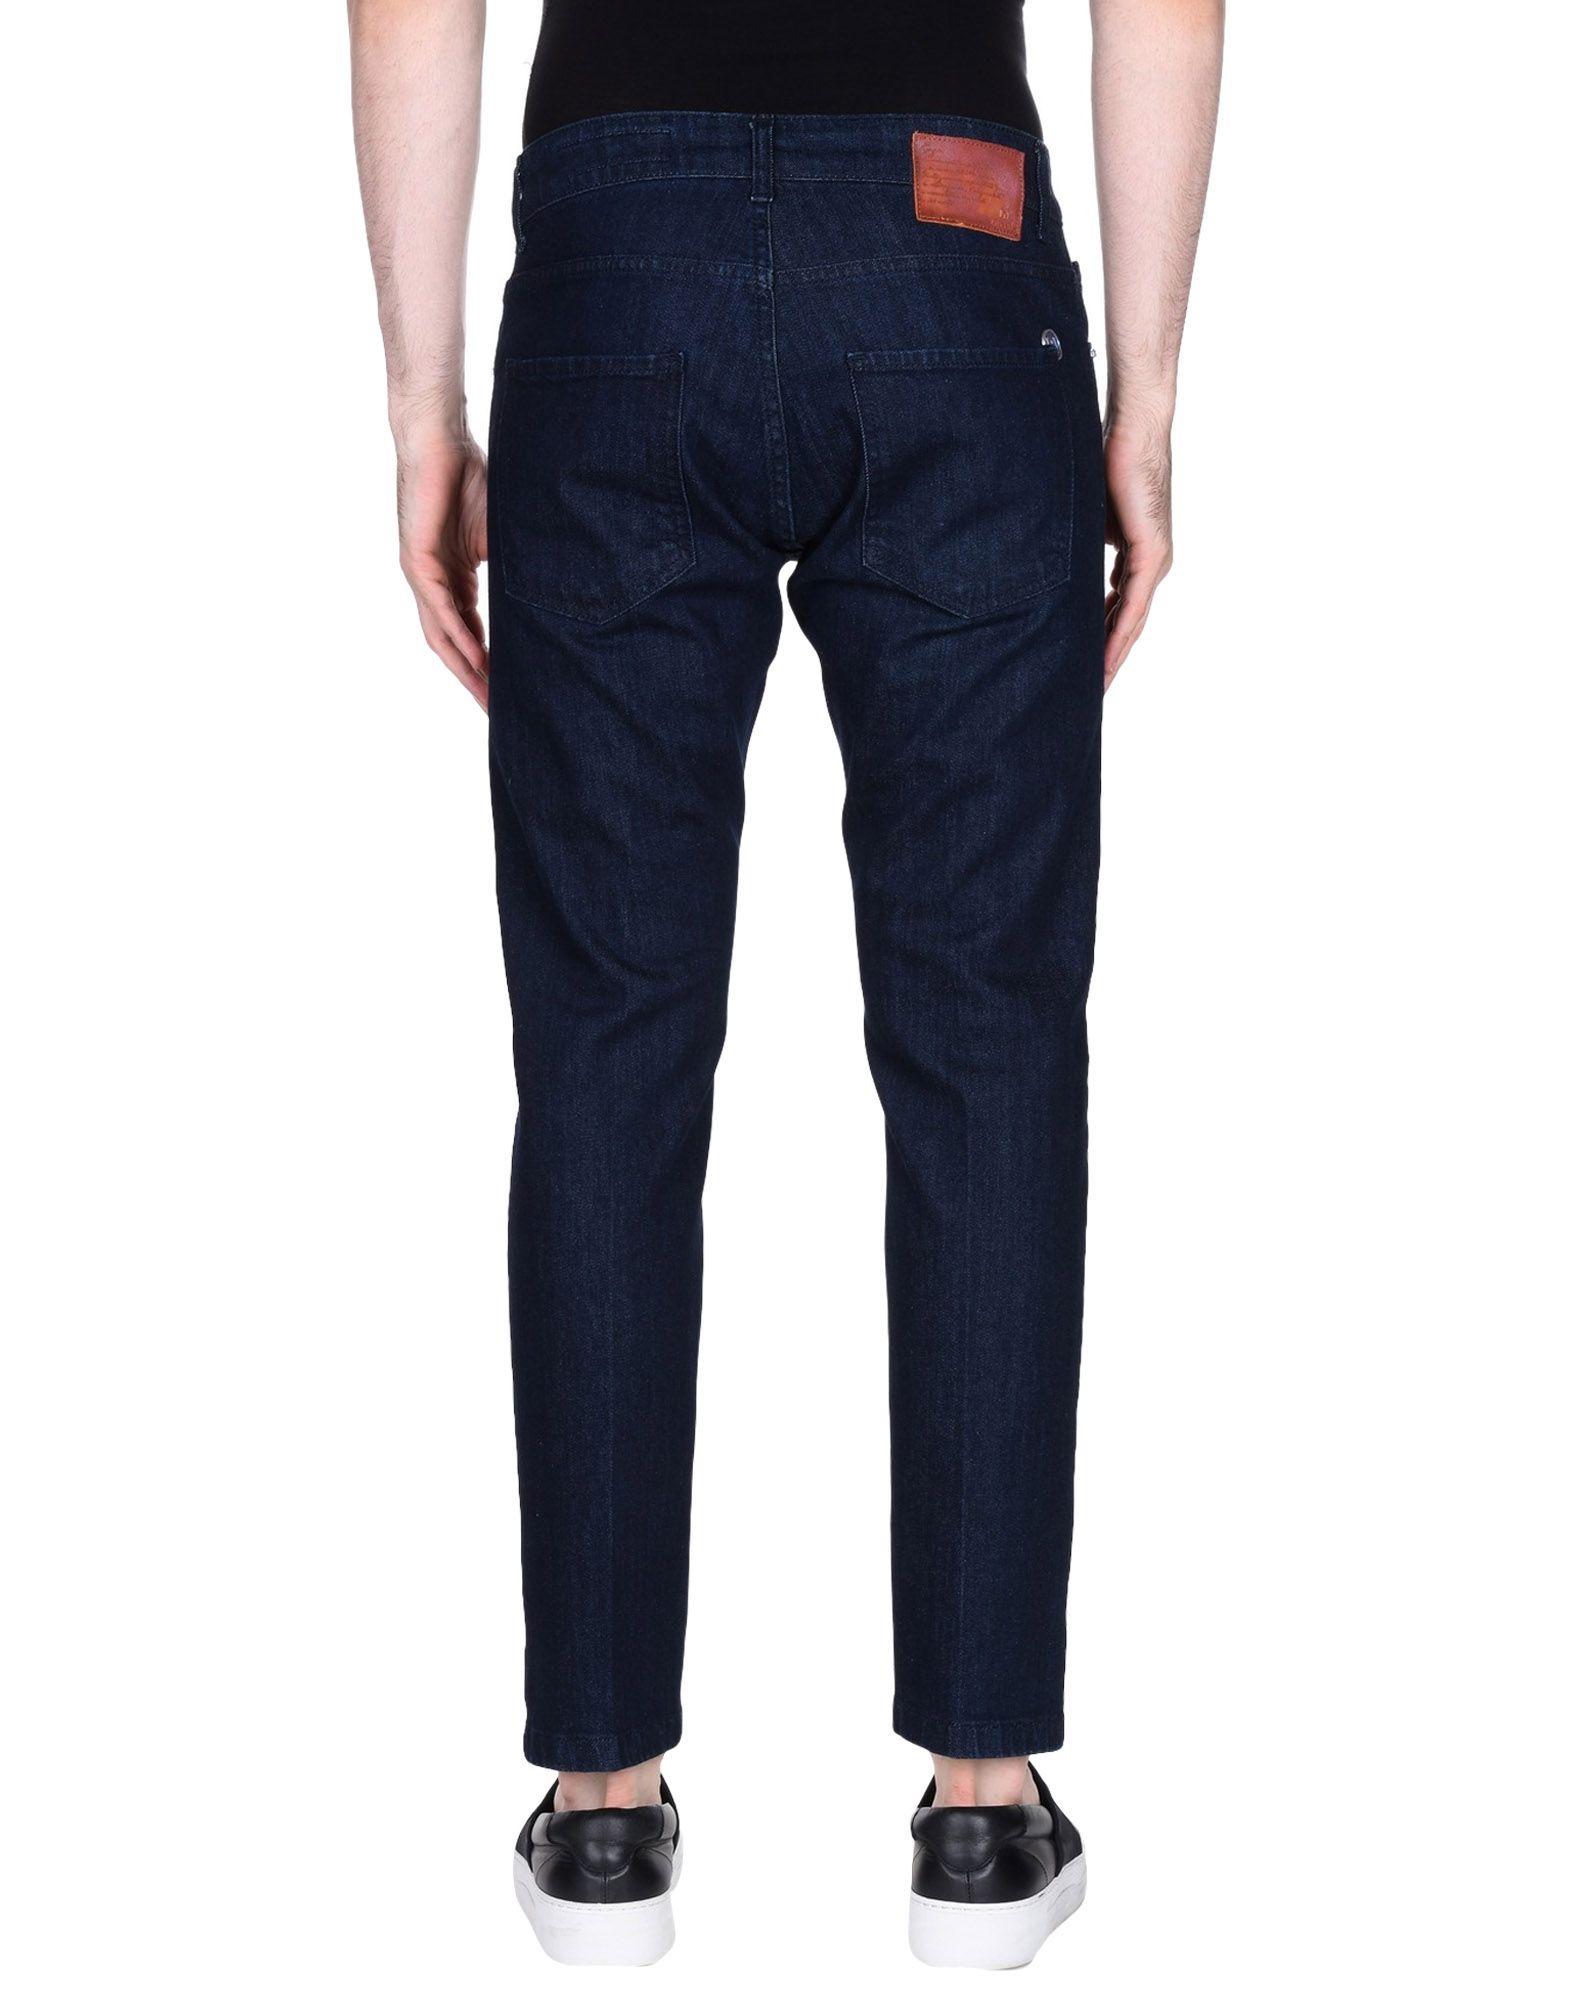 Pantaloni Jeans Entre Amis Uomo Uomo Uomo - 42681193GI f38361